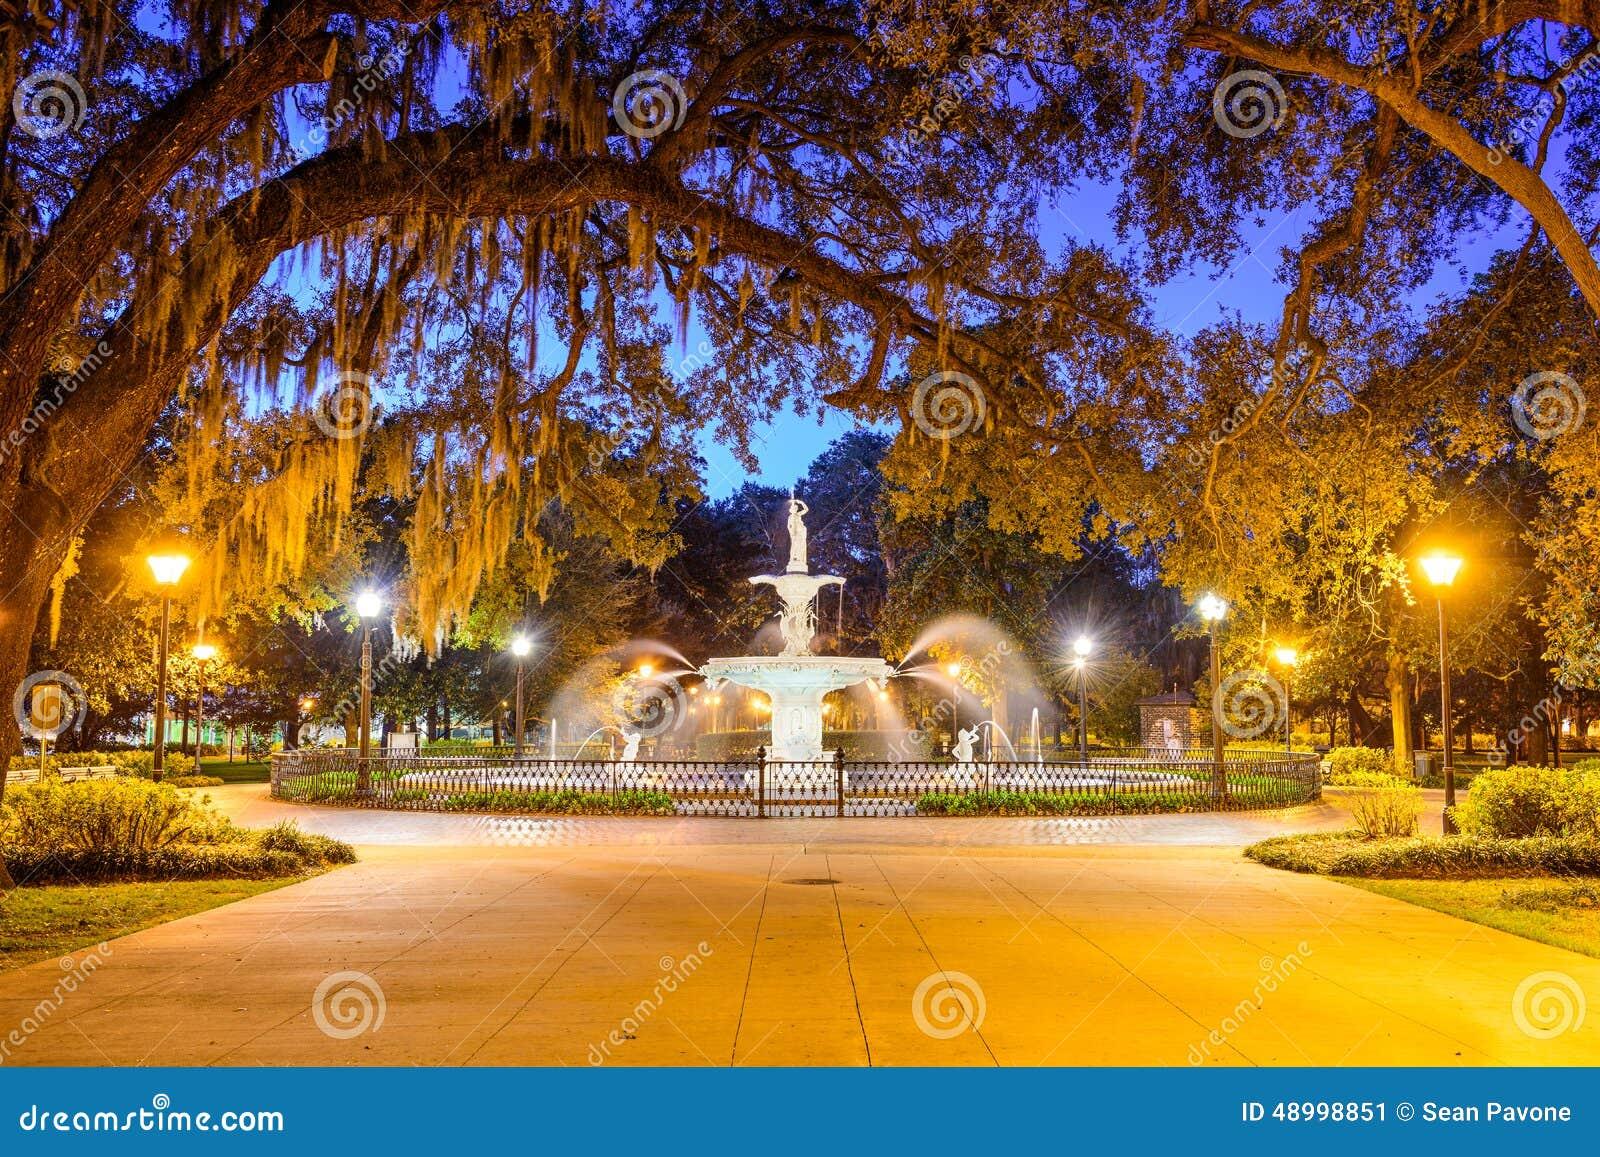 Forsyth Park in Savannah, GA